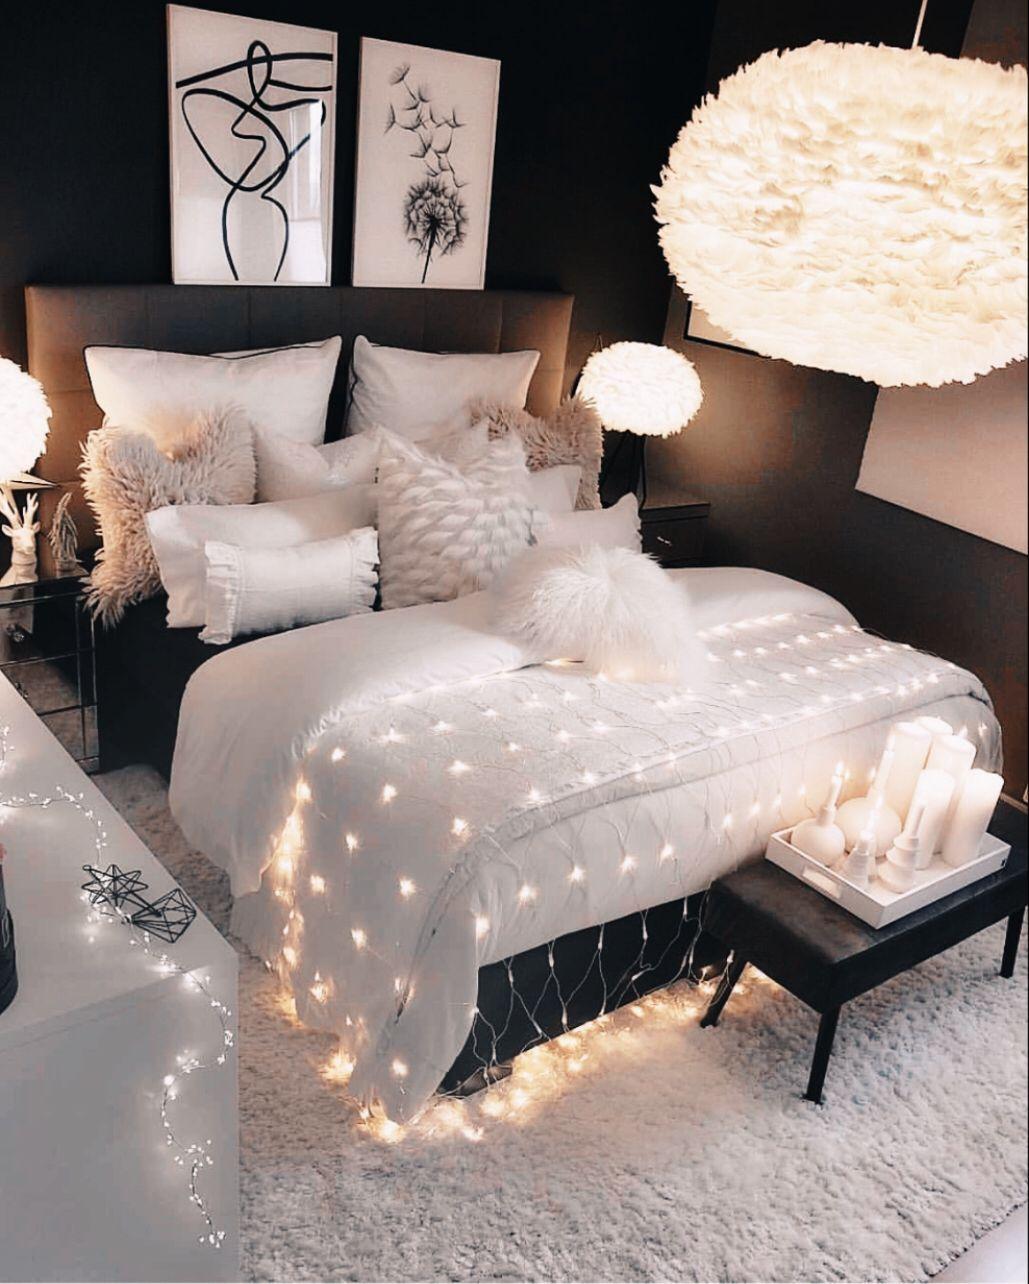 Une Piece Pleine De Genialite Decor De Chambre Il Ne Fait Pas Mieux Que Ce Magnifique Decor In 2020 Small Room Bedroom Stylish Bedroom Bedroom Inspirations